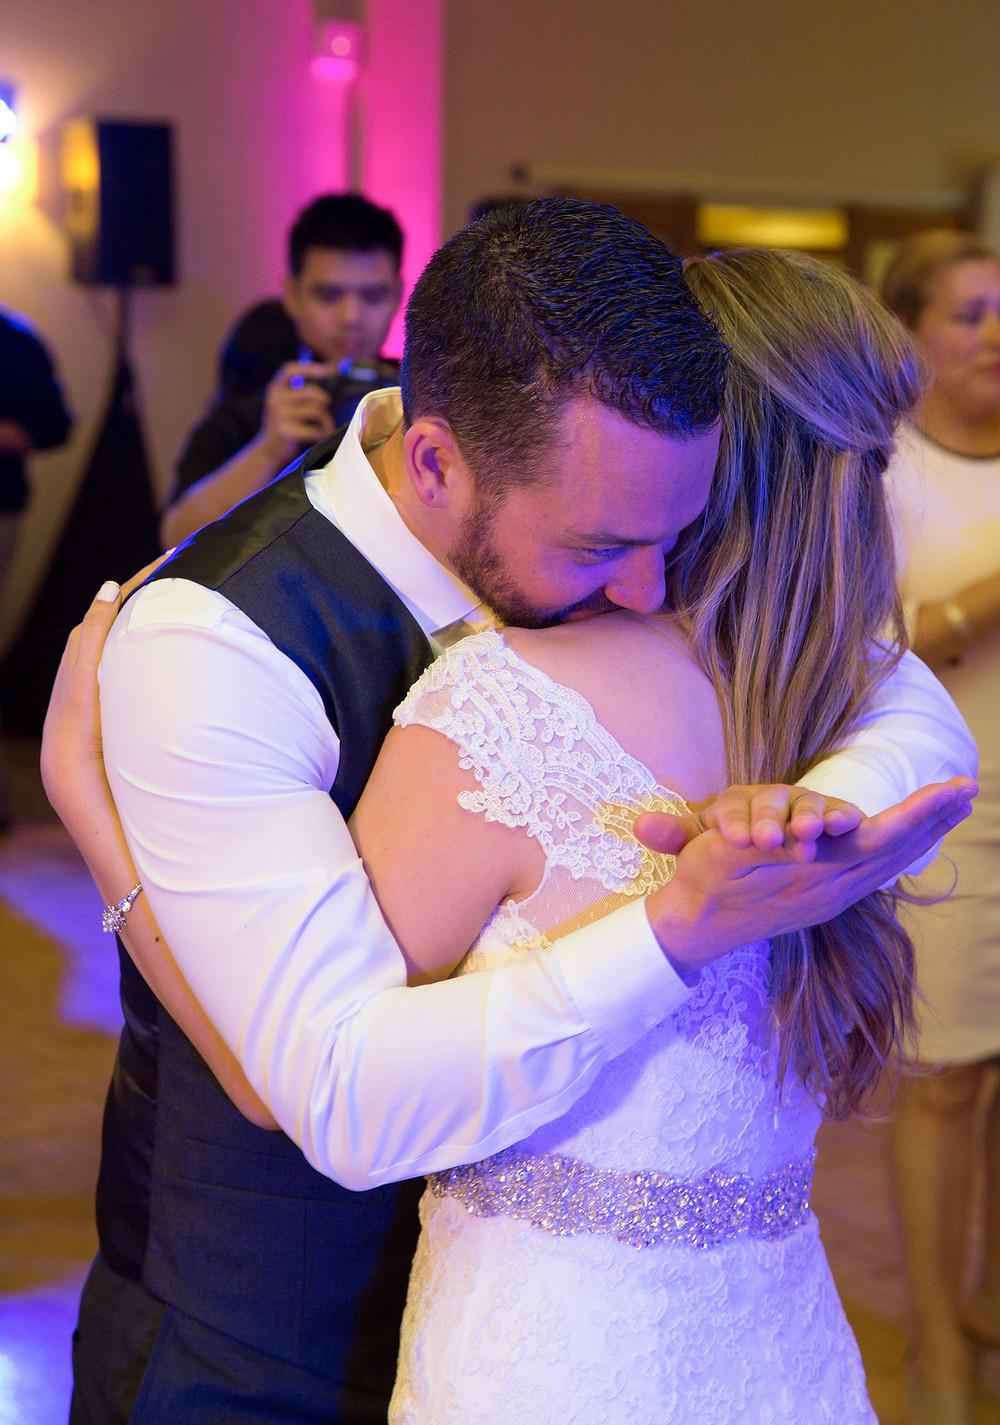 Los Angeles Wedding Reception